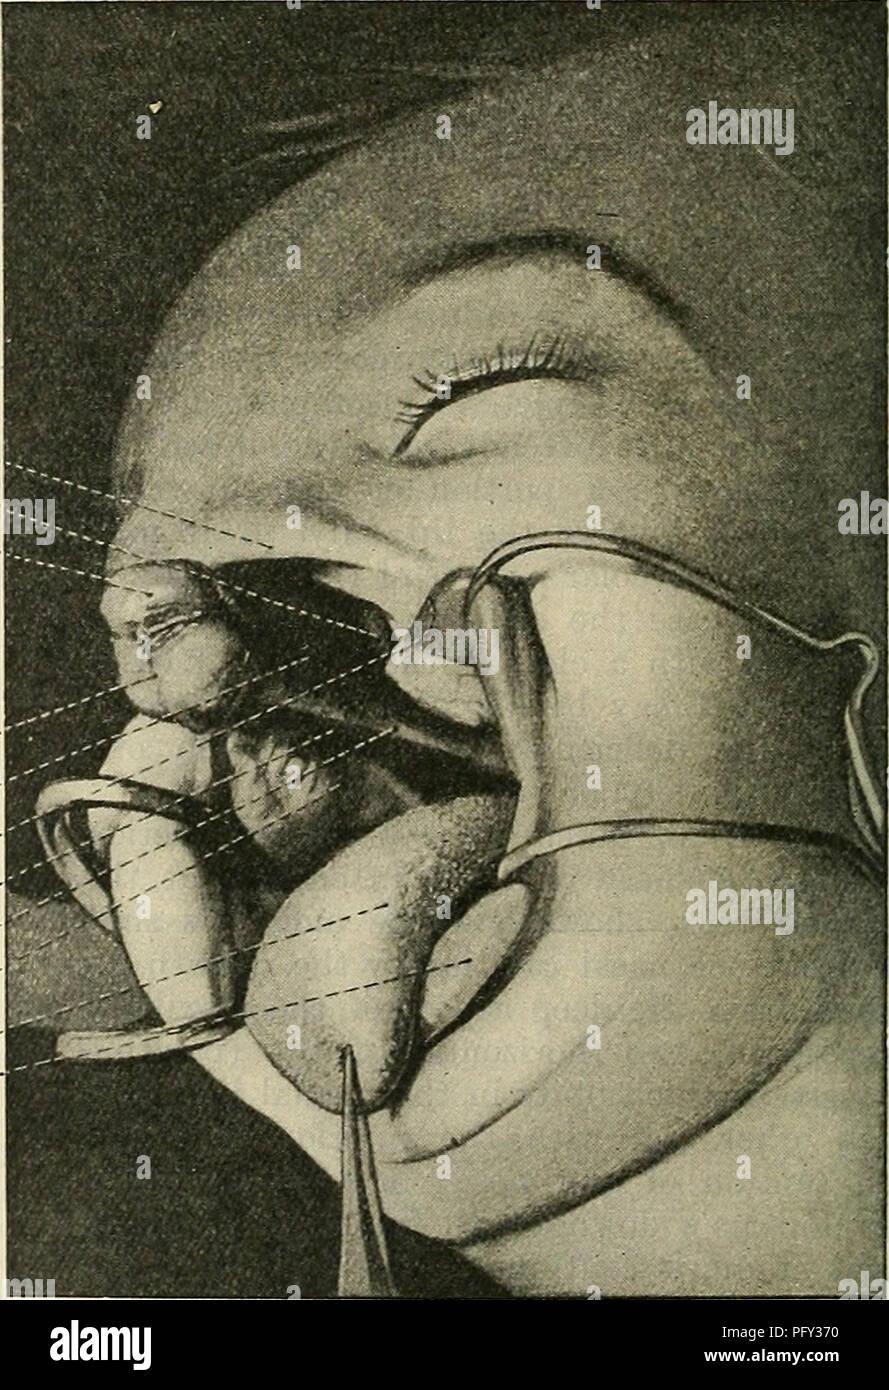 Cunninghams Lehrbuch der Anatomie. Anatomie. Wangentasche ...